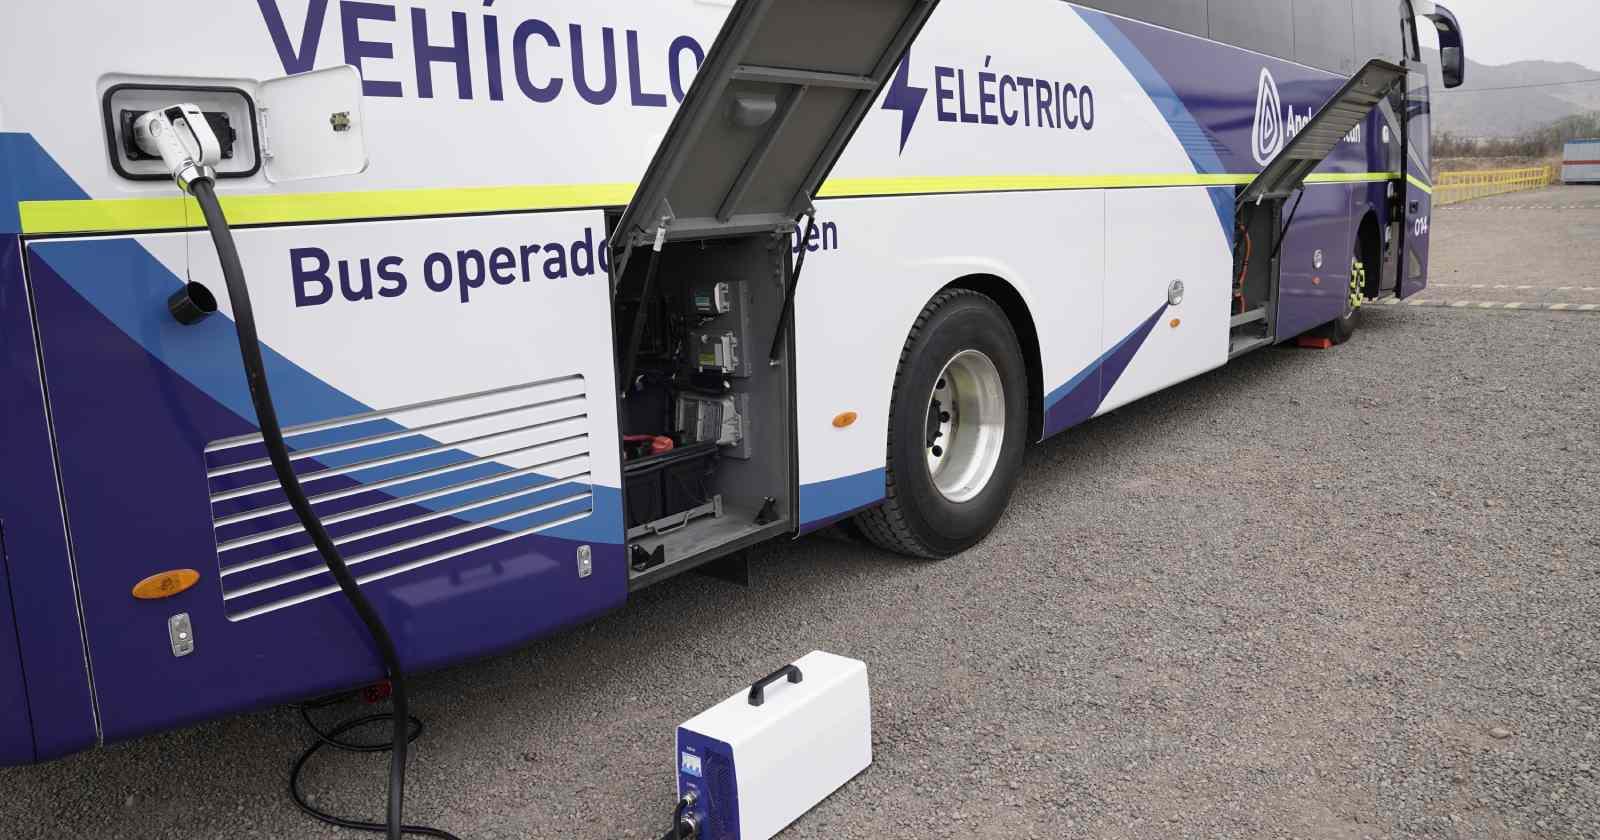 Los vehículos son de la marca King Long, uno de principales fabricantes de buses eléctricos del mundo.